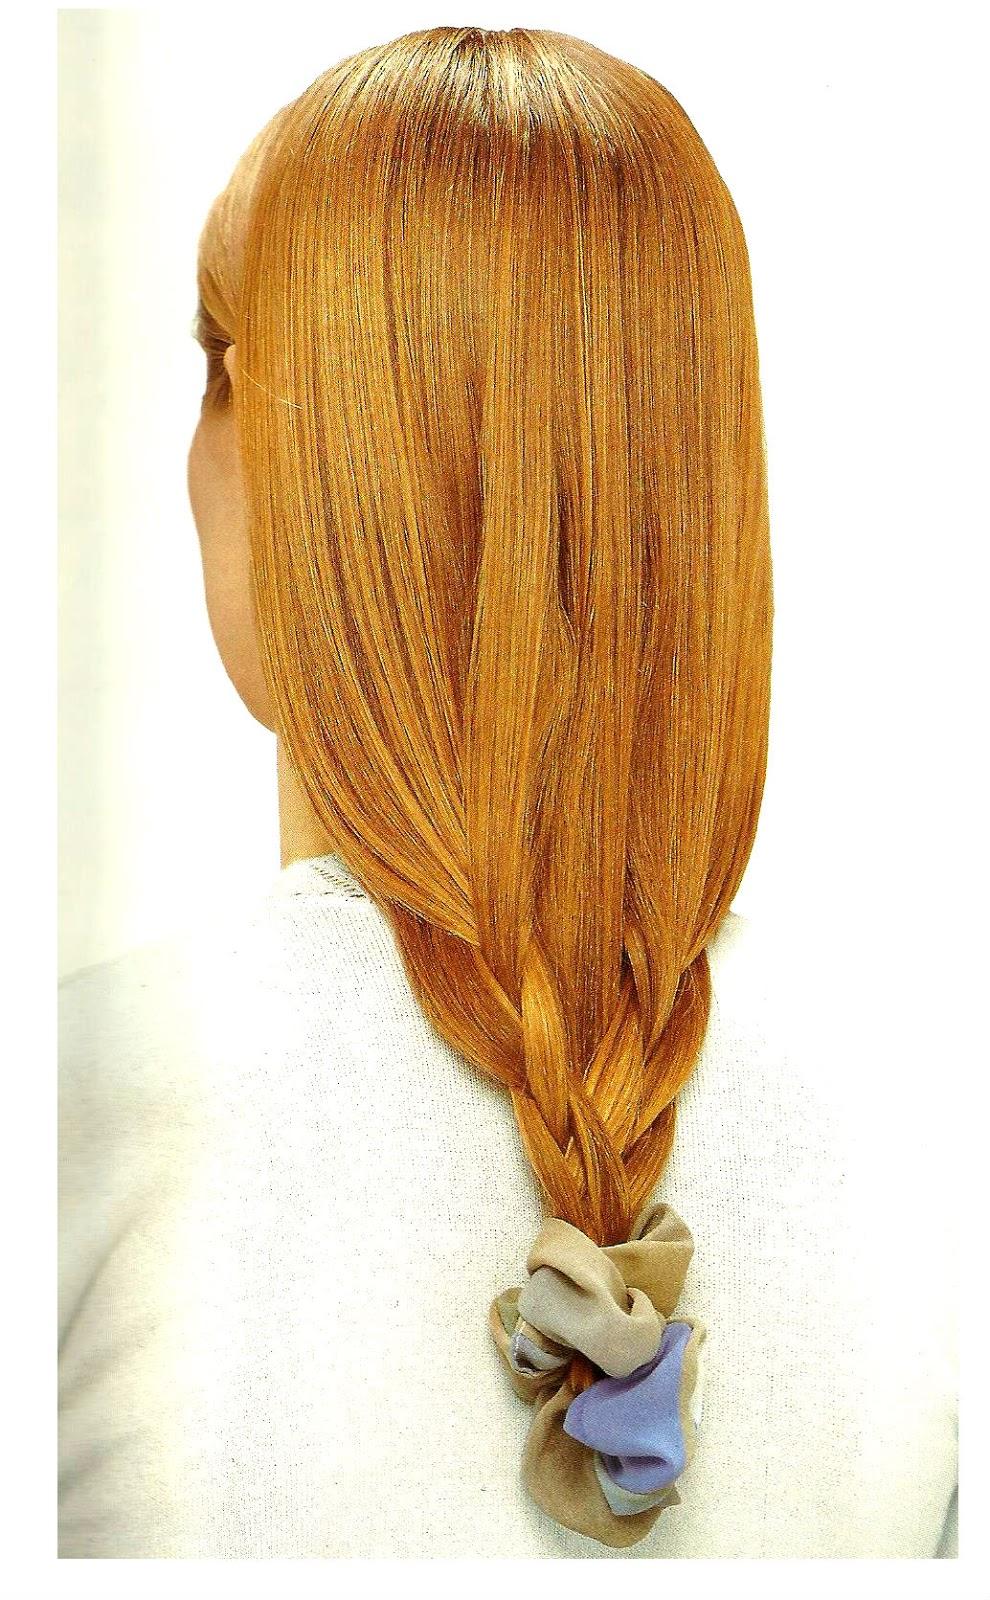 Peinados Fáciles paso a paso (FOTOS) enfemenino - Diferentes Peinados Paso A Paso